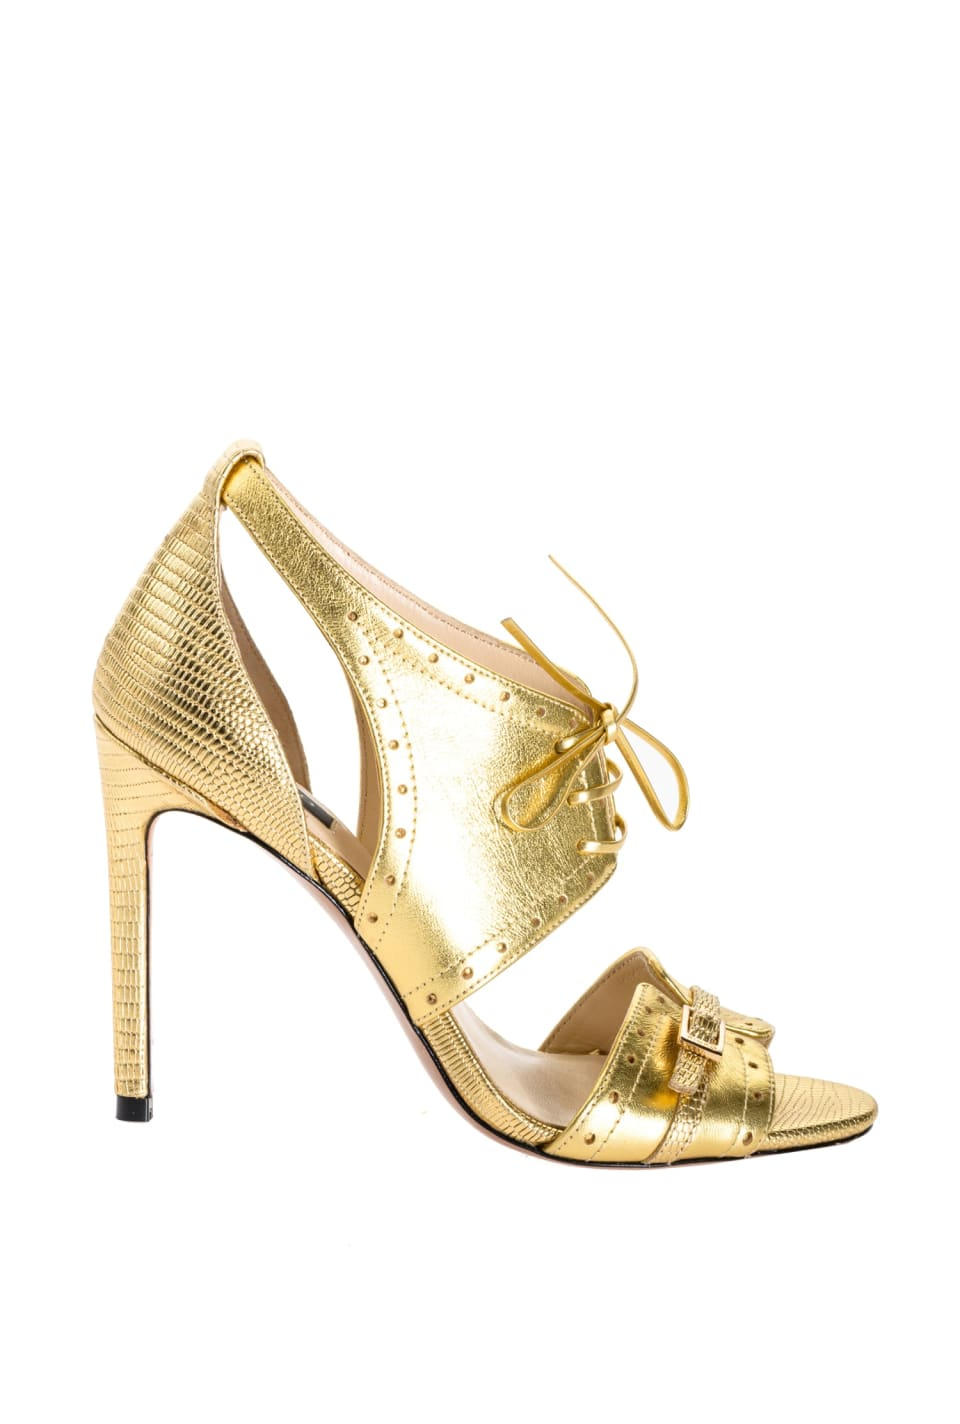 Sandalias de piel laminada dorada - Pinko